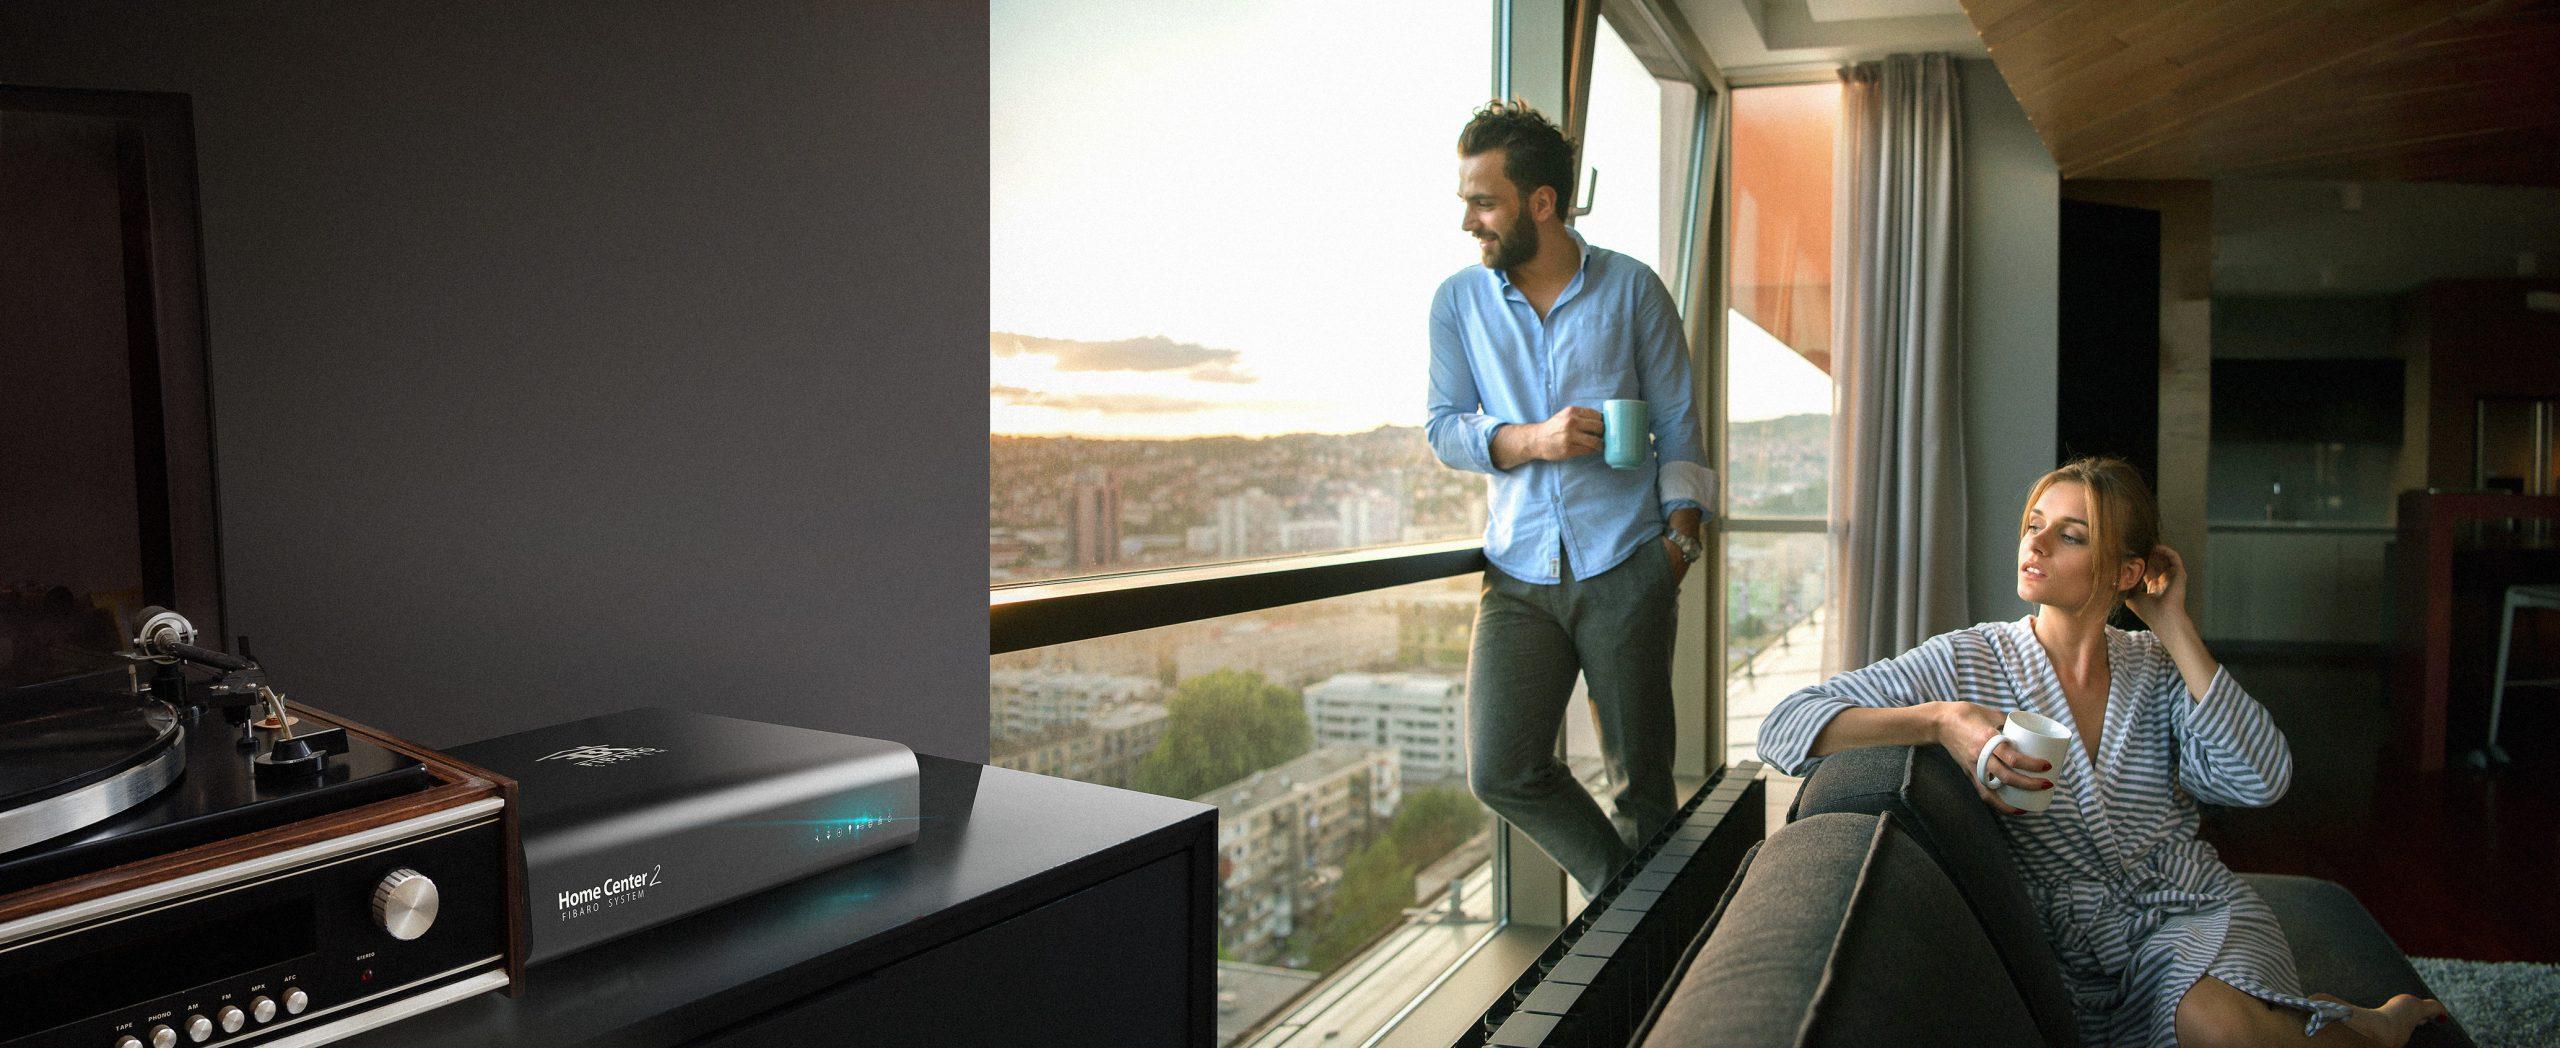 Bộ điều khiển trung tâm nhà thông minh smarthome điều khiển bằng giọng nói fibaro HC2